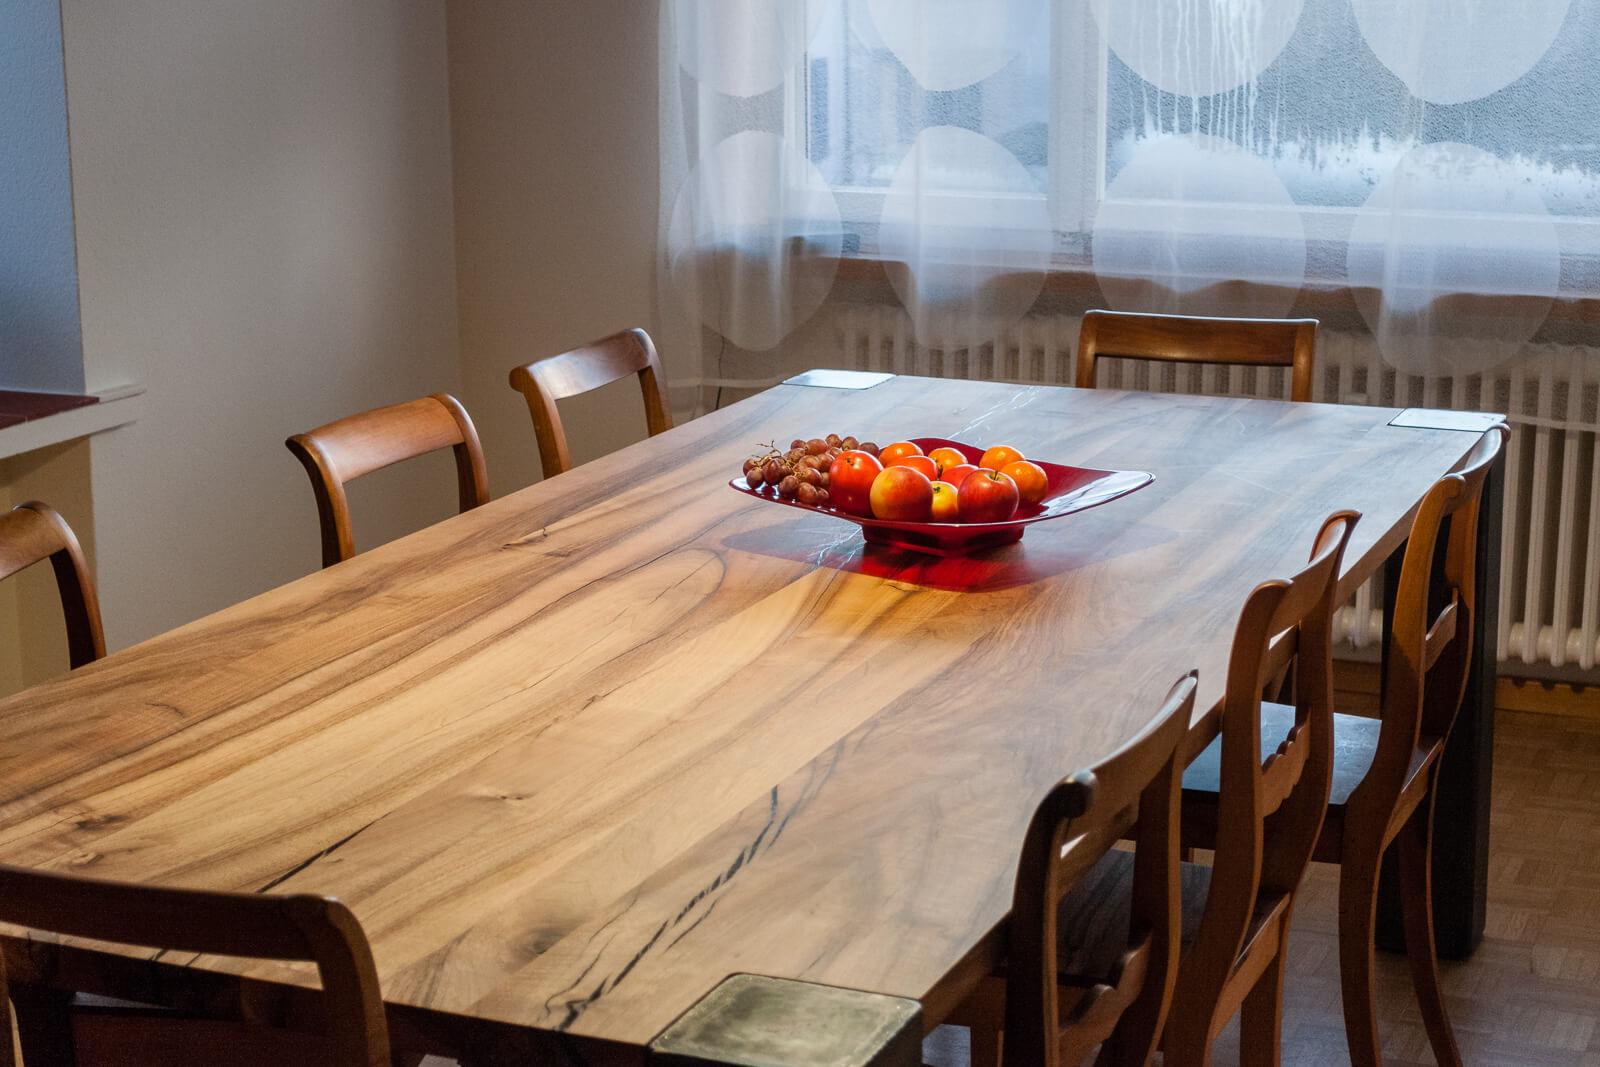 Esstisch mit Stühlen